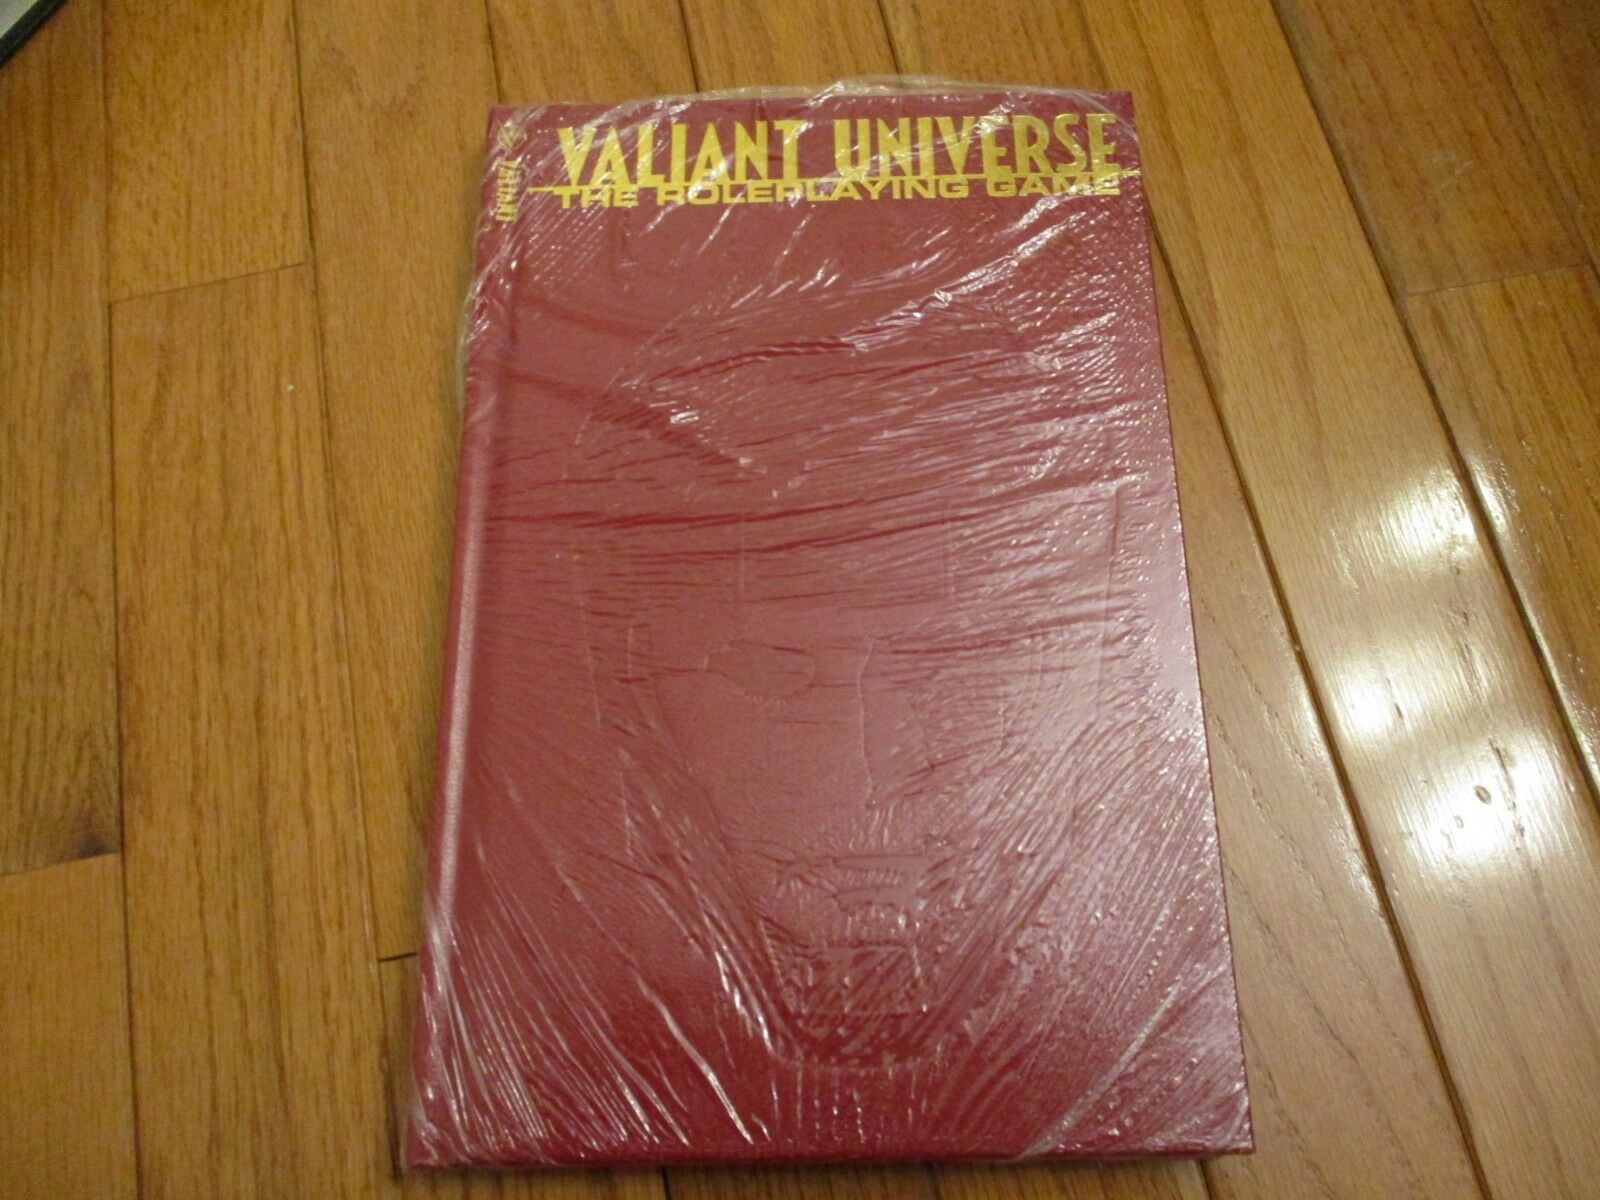 promociones Valiant Universo cohete propulsado Granada Core edición edición edición limitada de reglas HC SW  tomamos a los clientes como nuestro dios